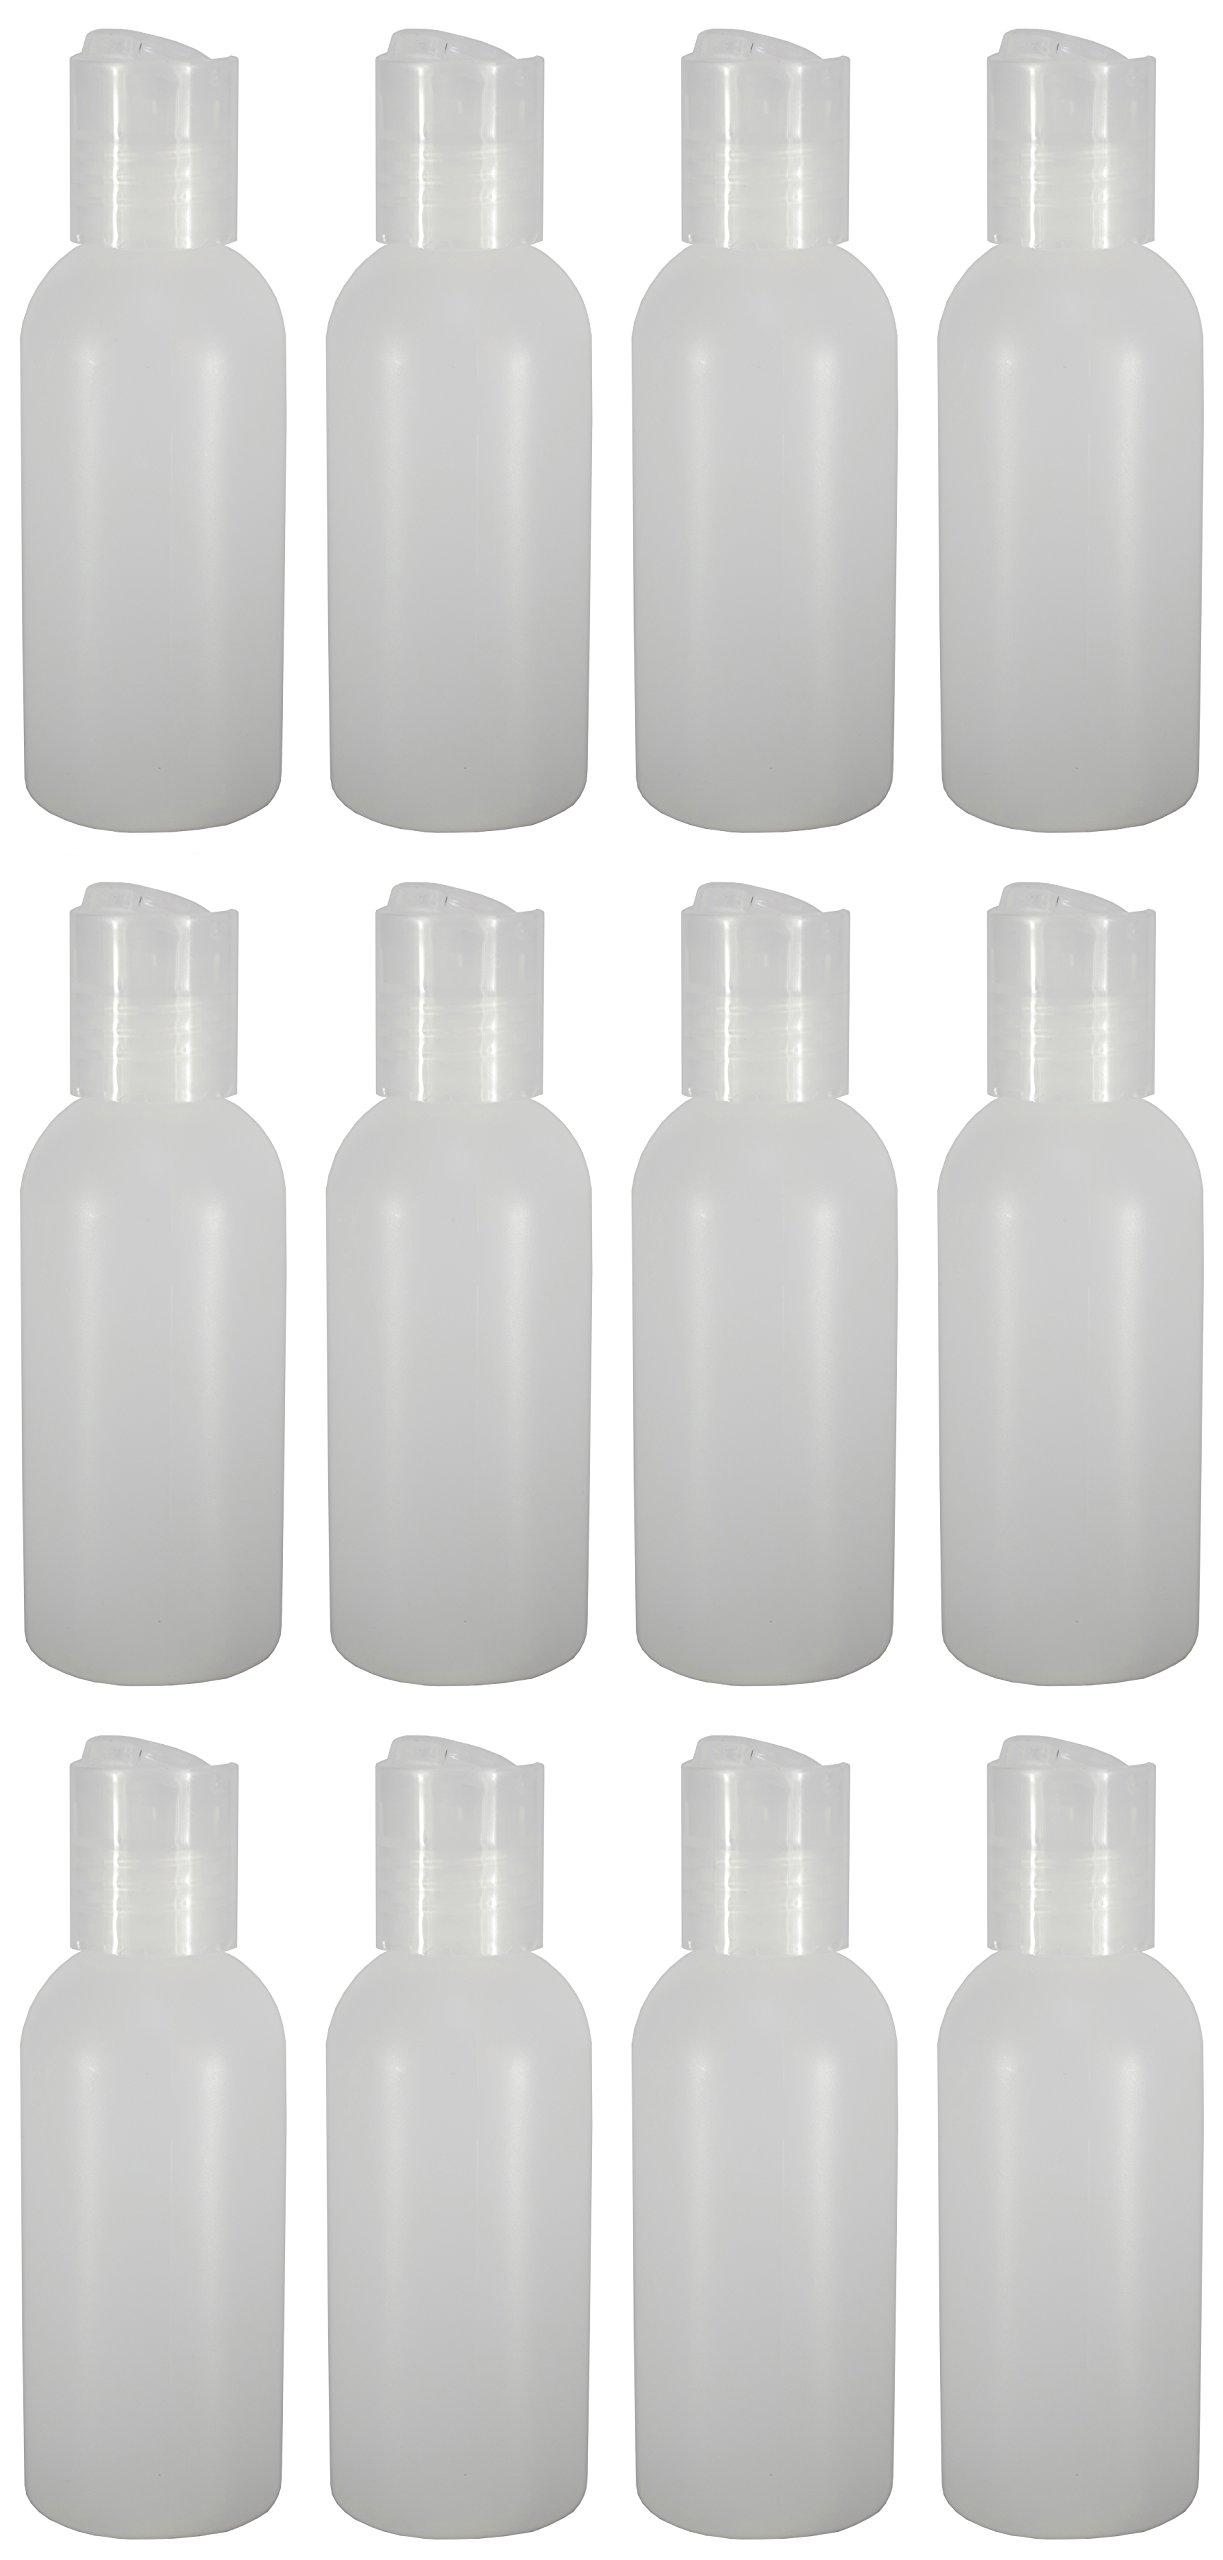 12 - Natural 2-ounce Bottles (Disc Cap)